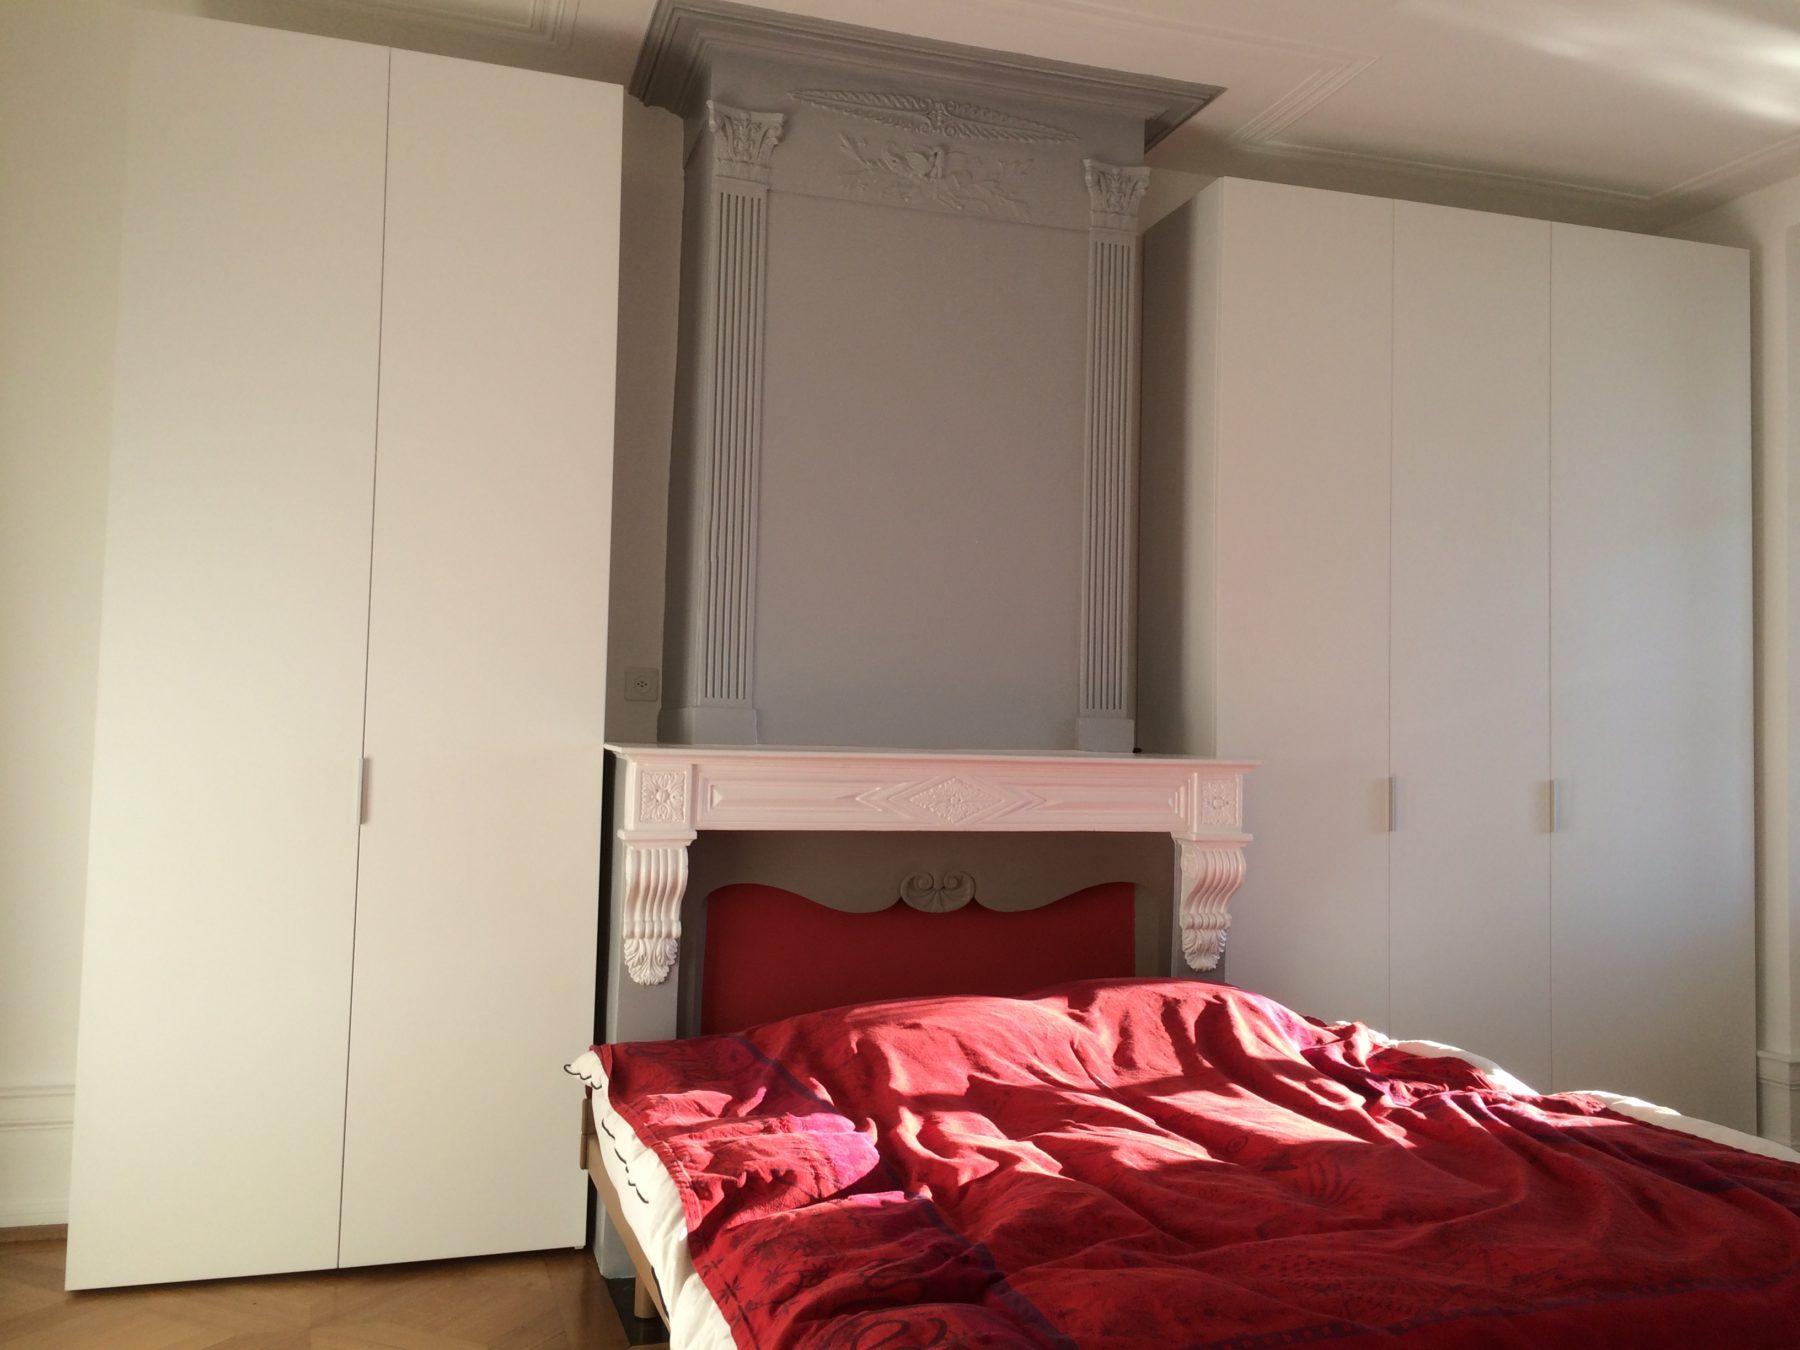 Agencement d 39 une chambre coucher ap design - Agencement chambre a coucher ...